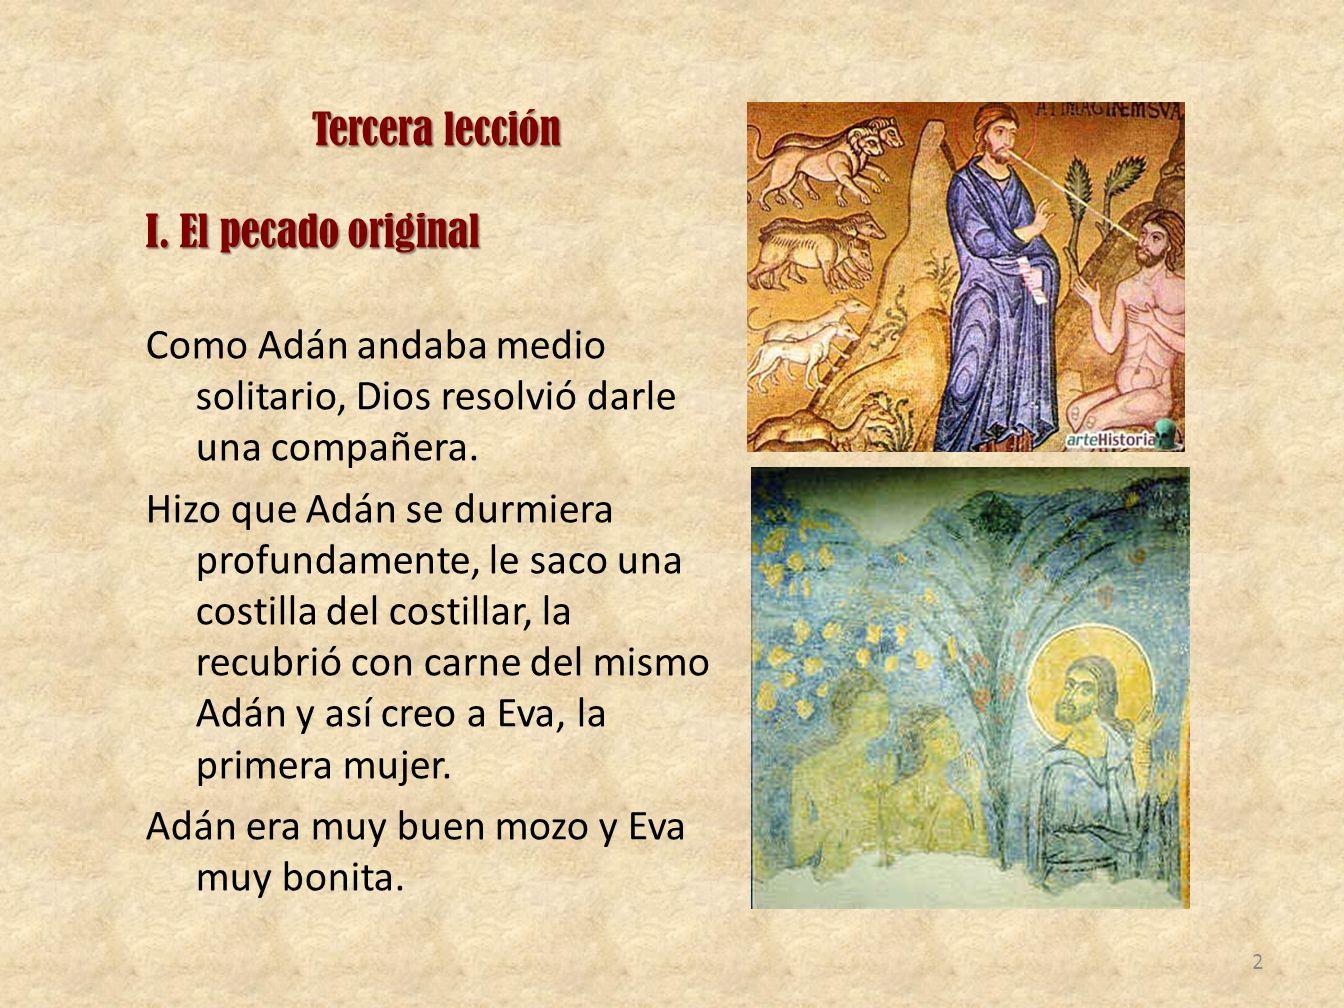 Tercera lección I. El pecado original Como Adán andaba medio solitario, Dios resolvió darle una compañera. Hizo que Adán se durmiera profundamente, le